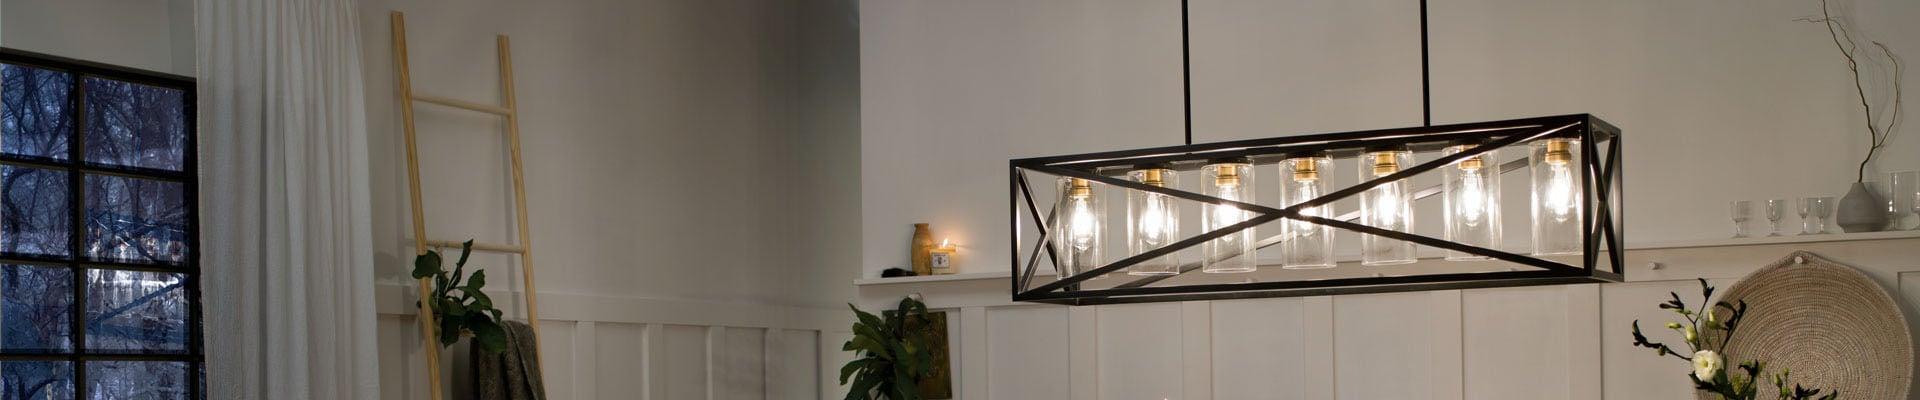 Lighting For The Modern Farmhouse Style Kichler Lighting